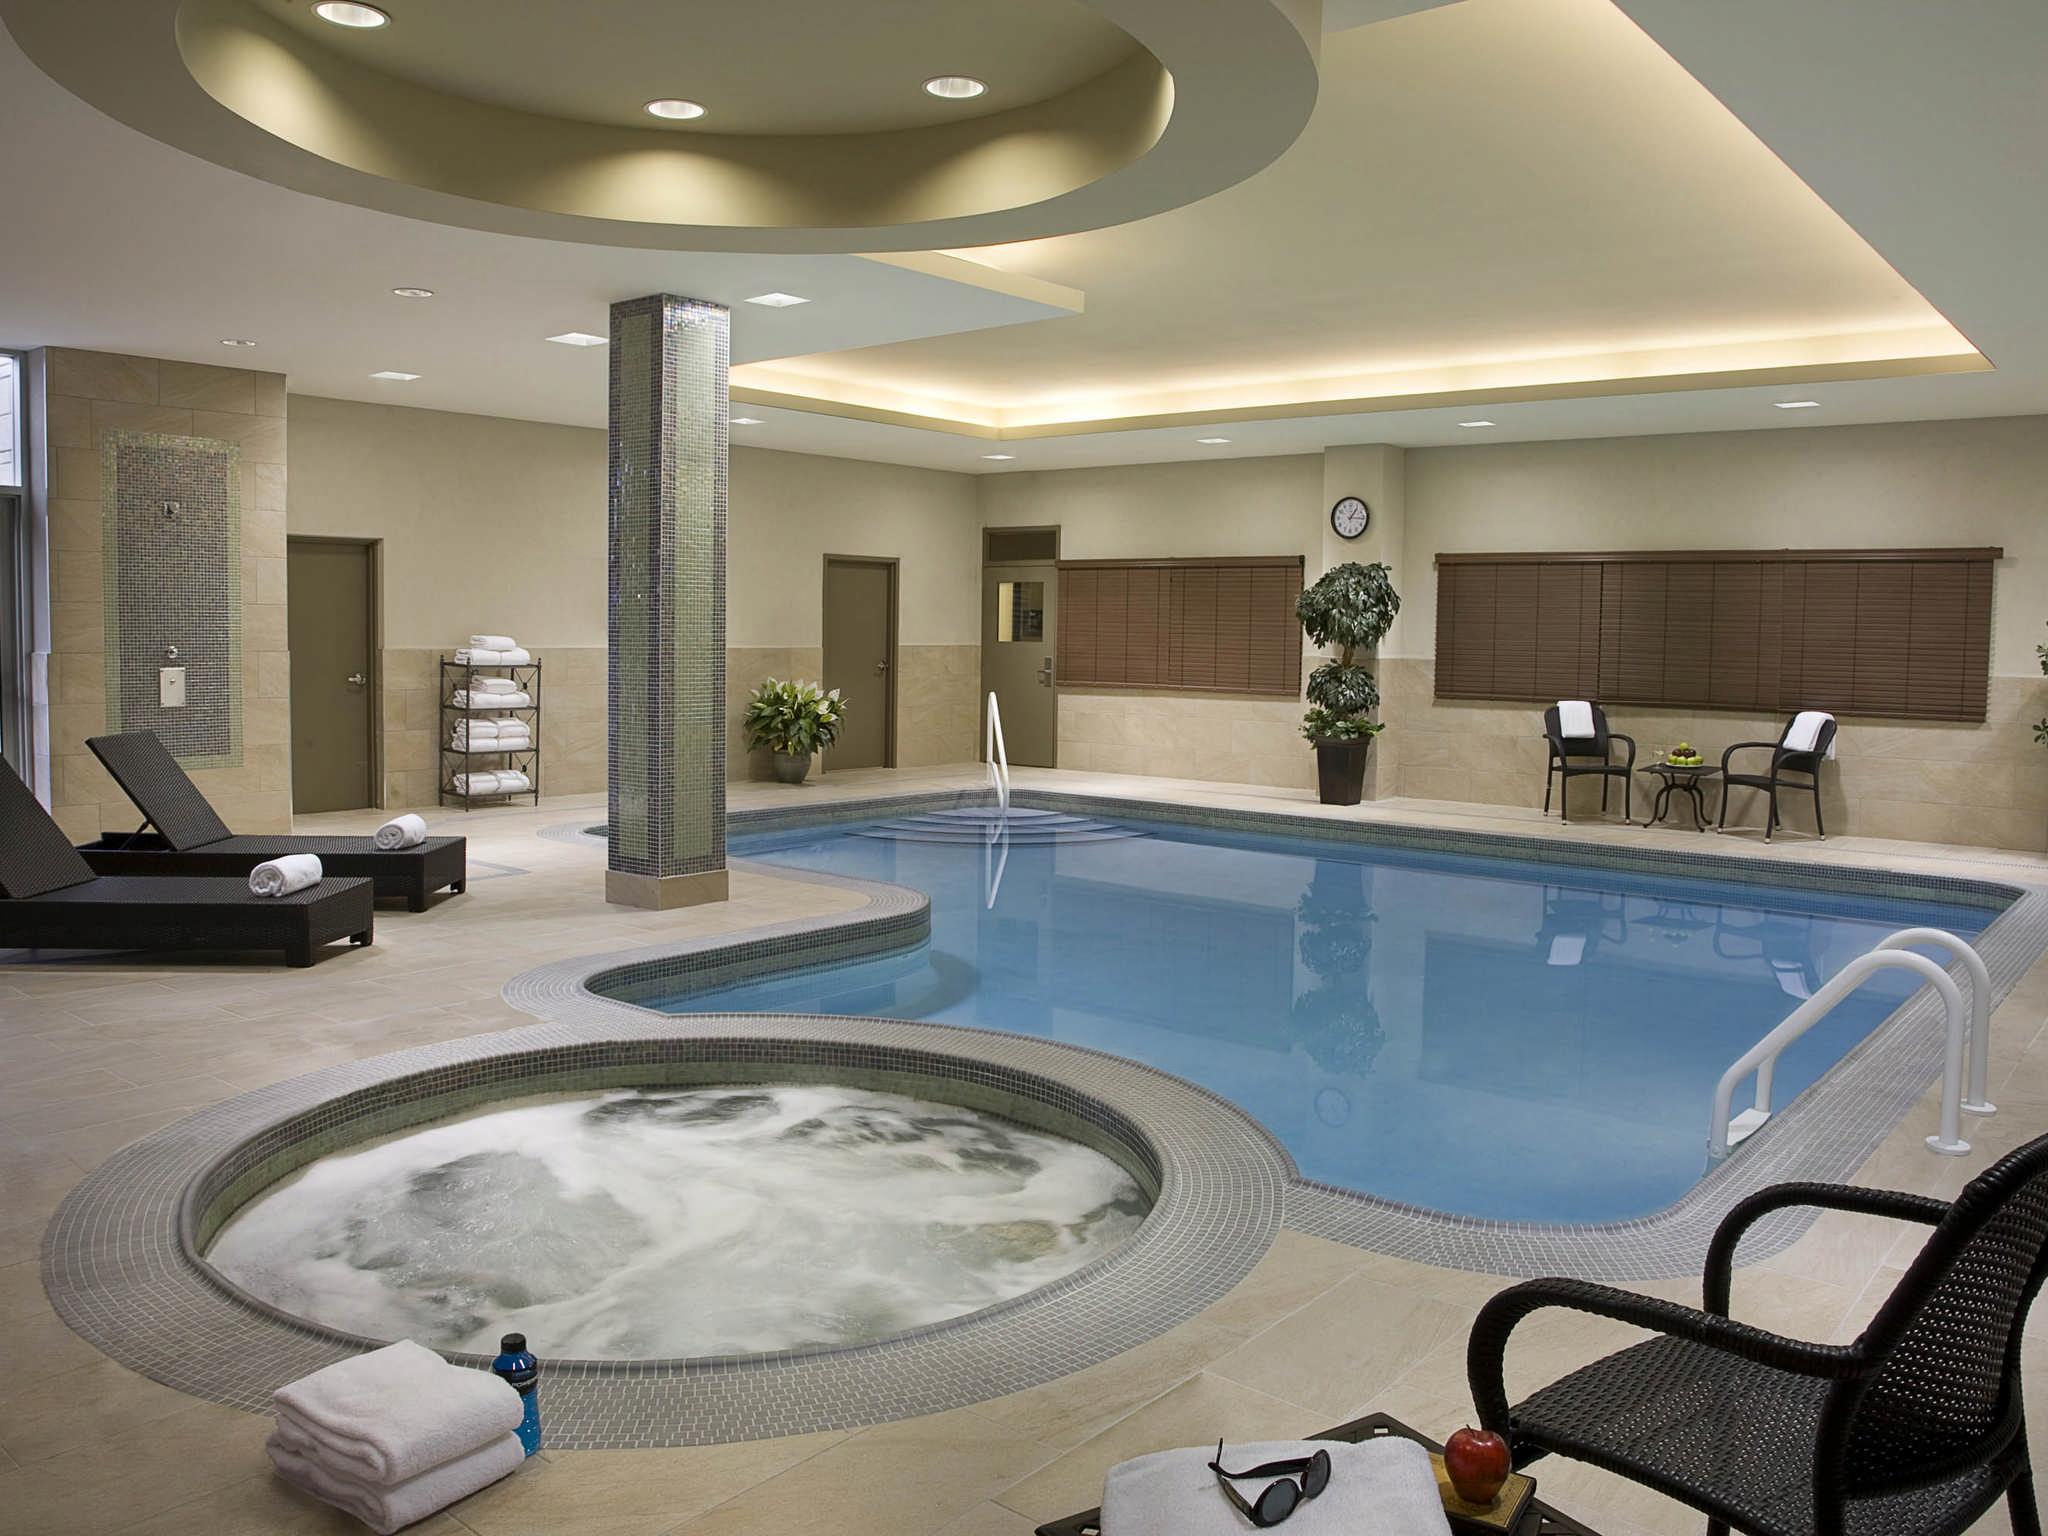 Hôtel Homewood Suites by Hilton Toronto Vaughan - Piscine intérieure